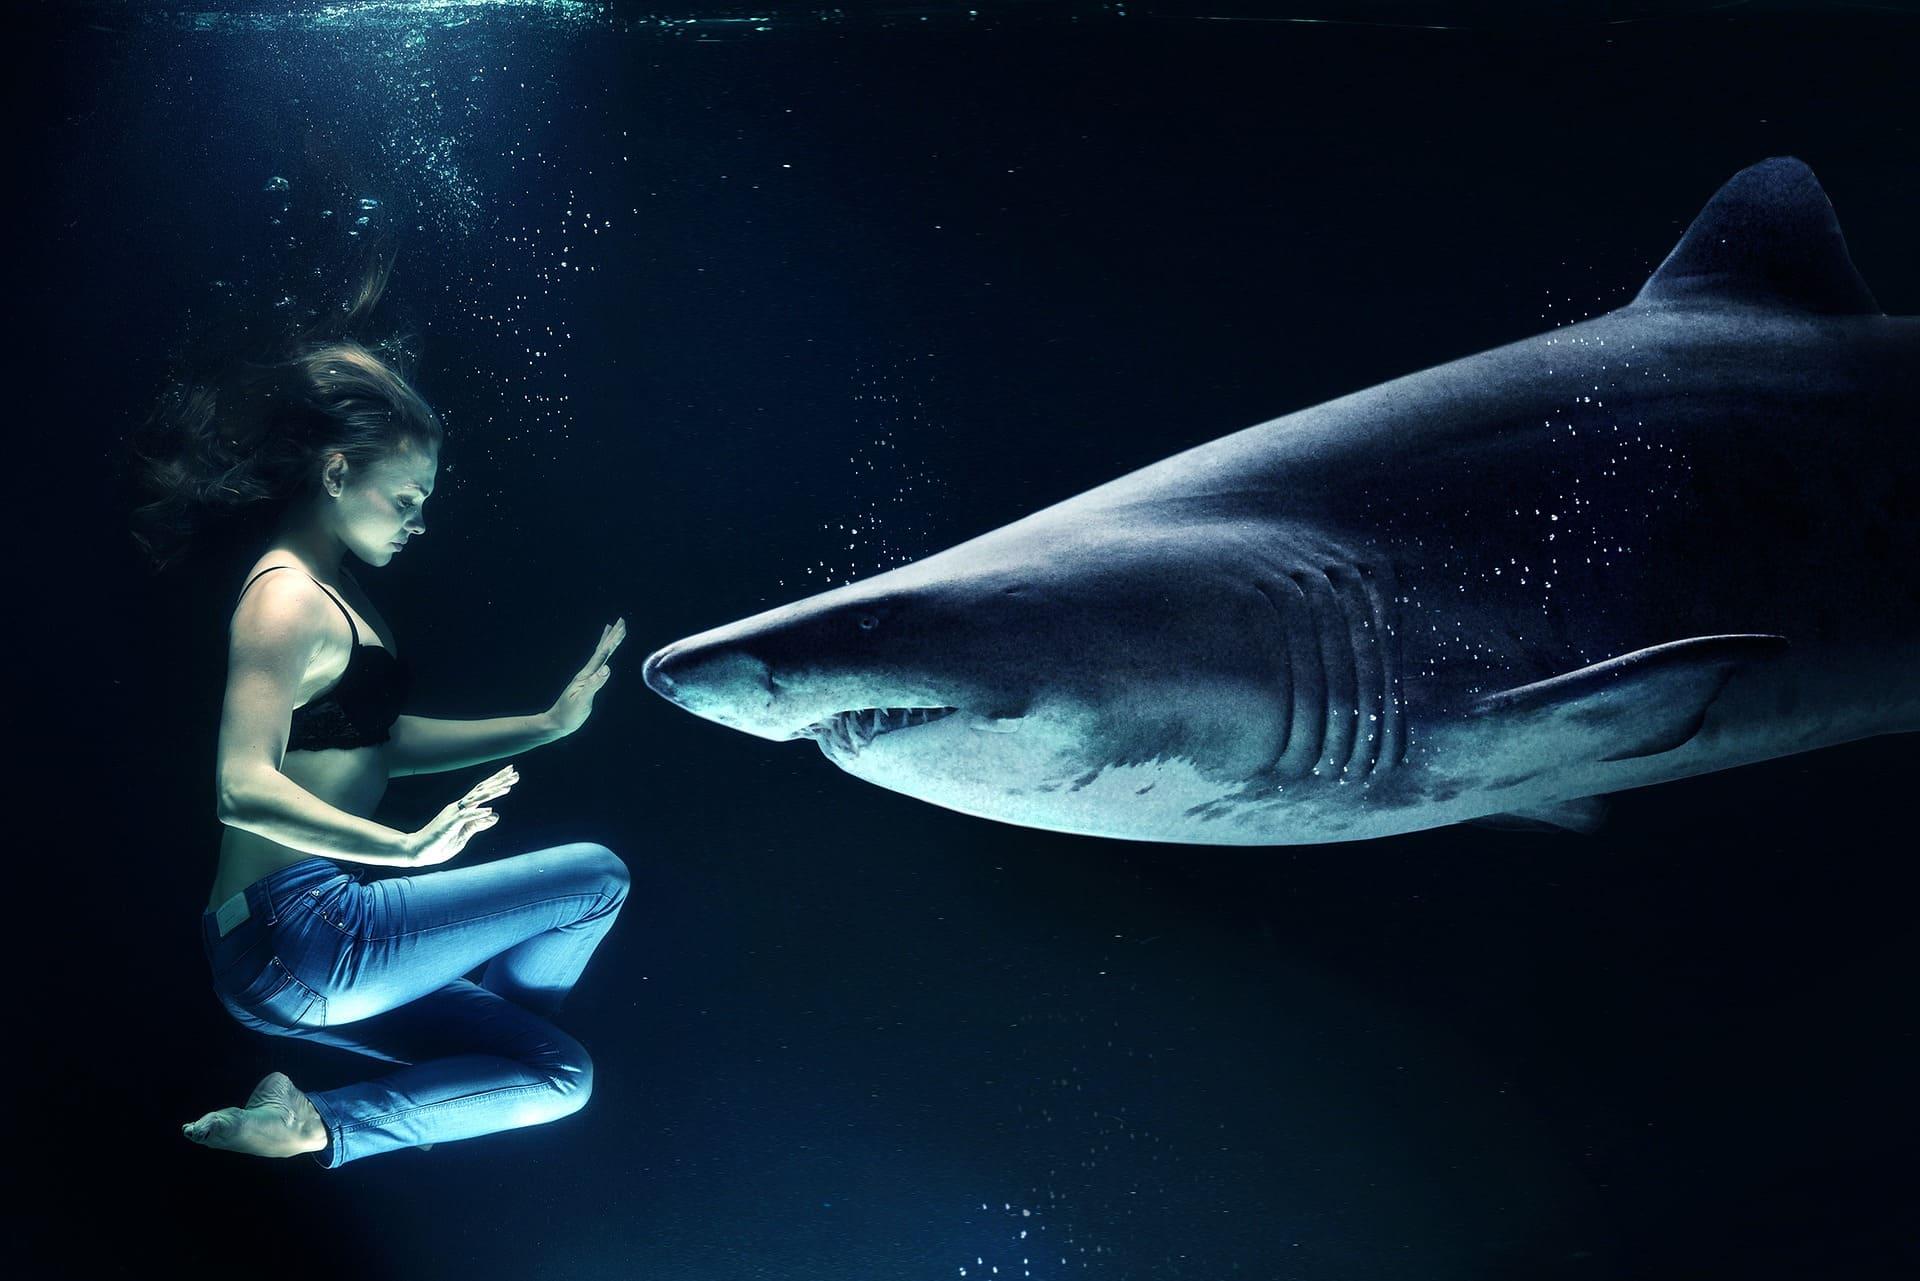 サメが目の前にいても落ち着いている女性